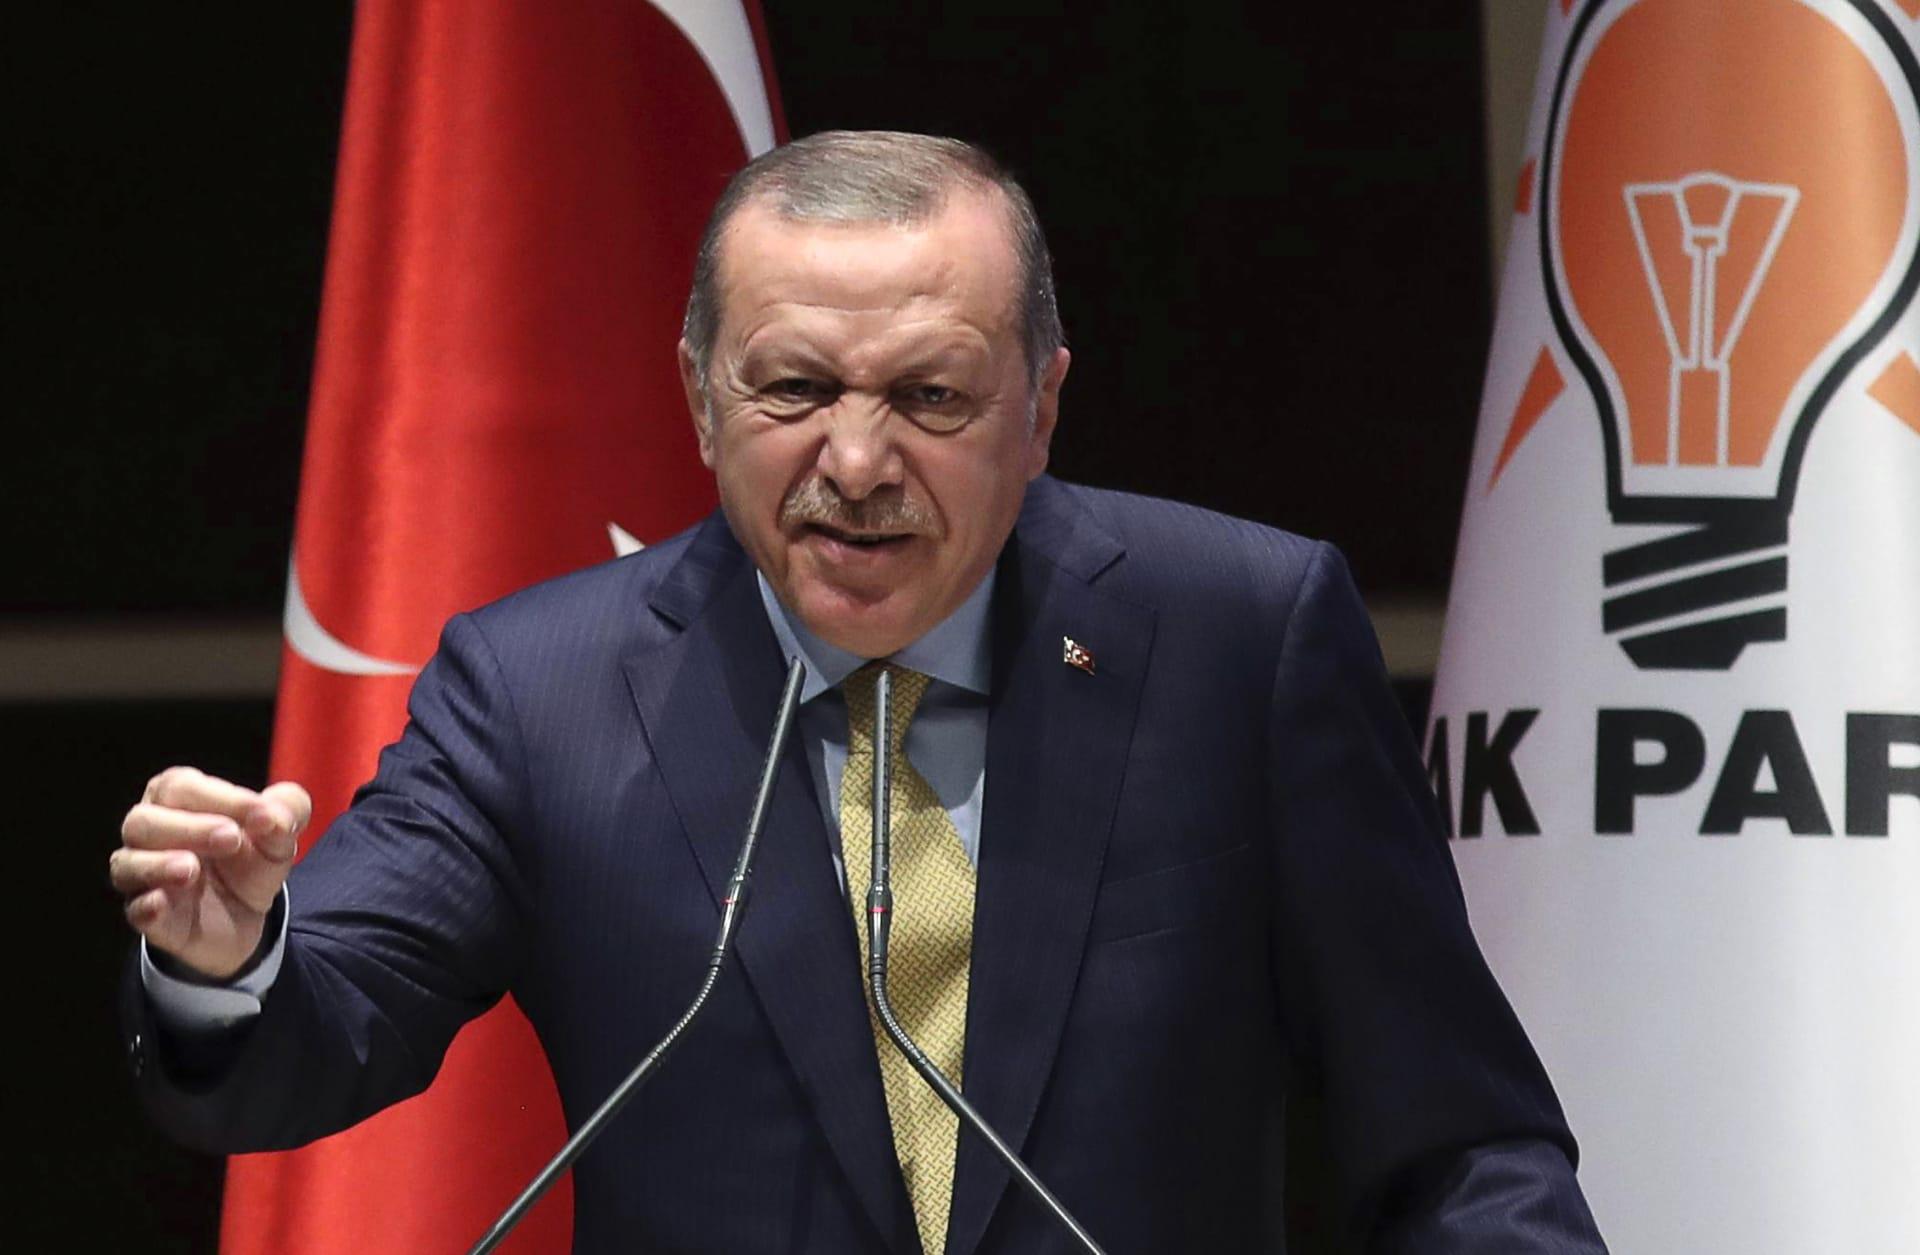 أردوغان: لن تنفع أعلام إسرائيل المرفوعة بعد استفتاء كردستان